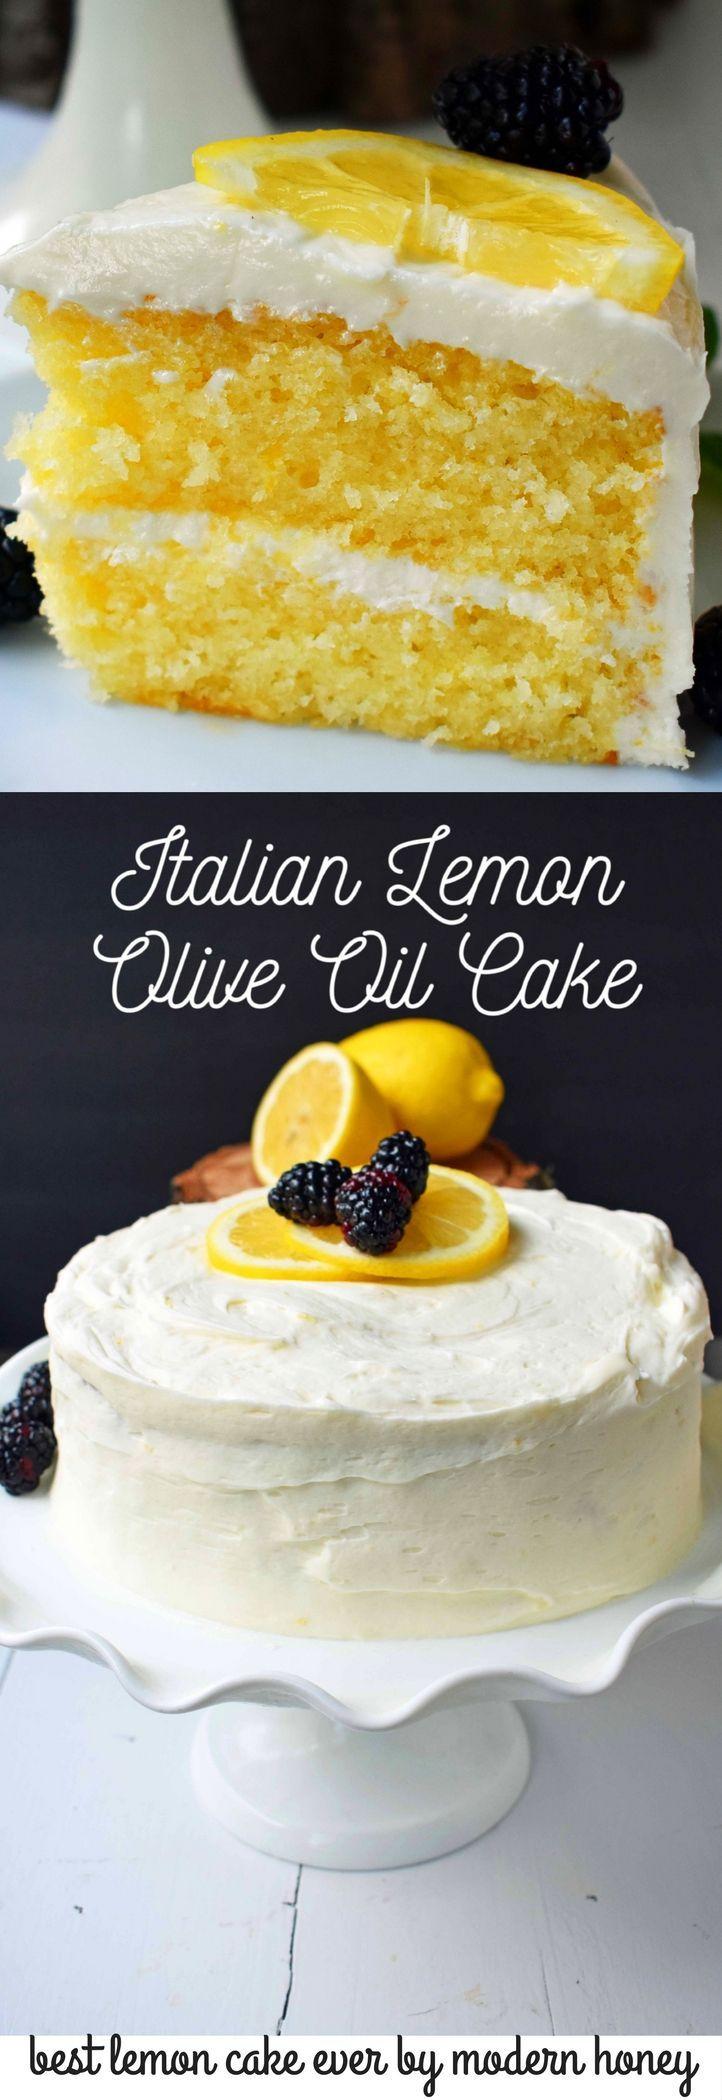 Italian Lemon Olive Oil Cake with Lemon Vanilla Cream Cheese Frosting is the best lemon cake recipe. Moist and tender lemon cake every single time.